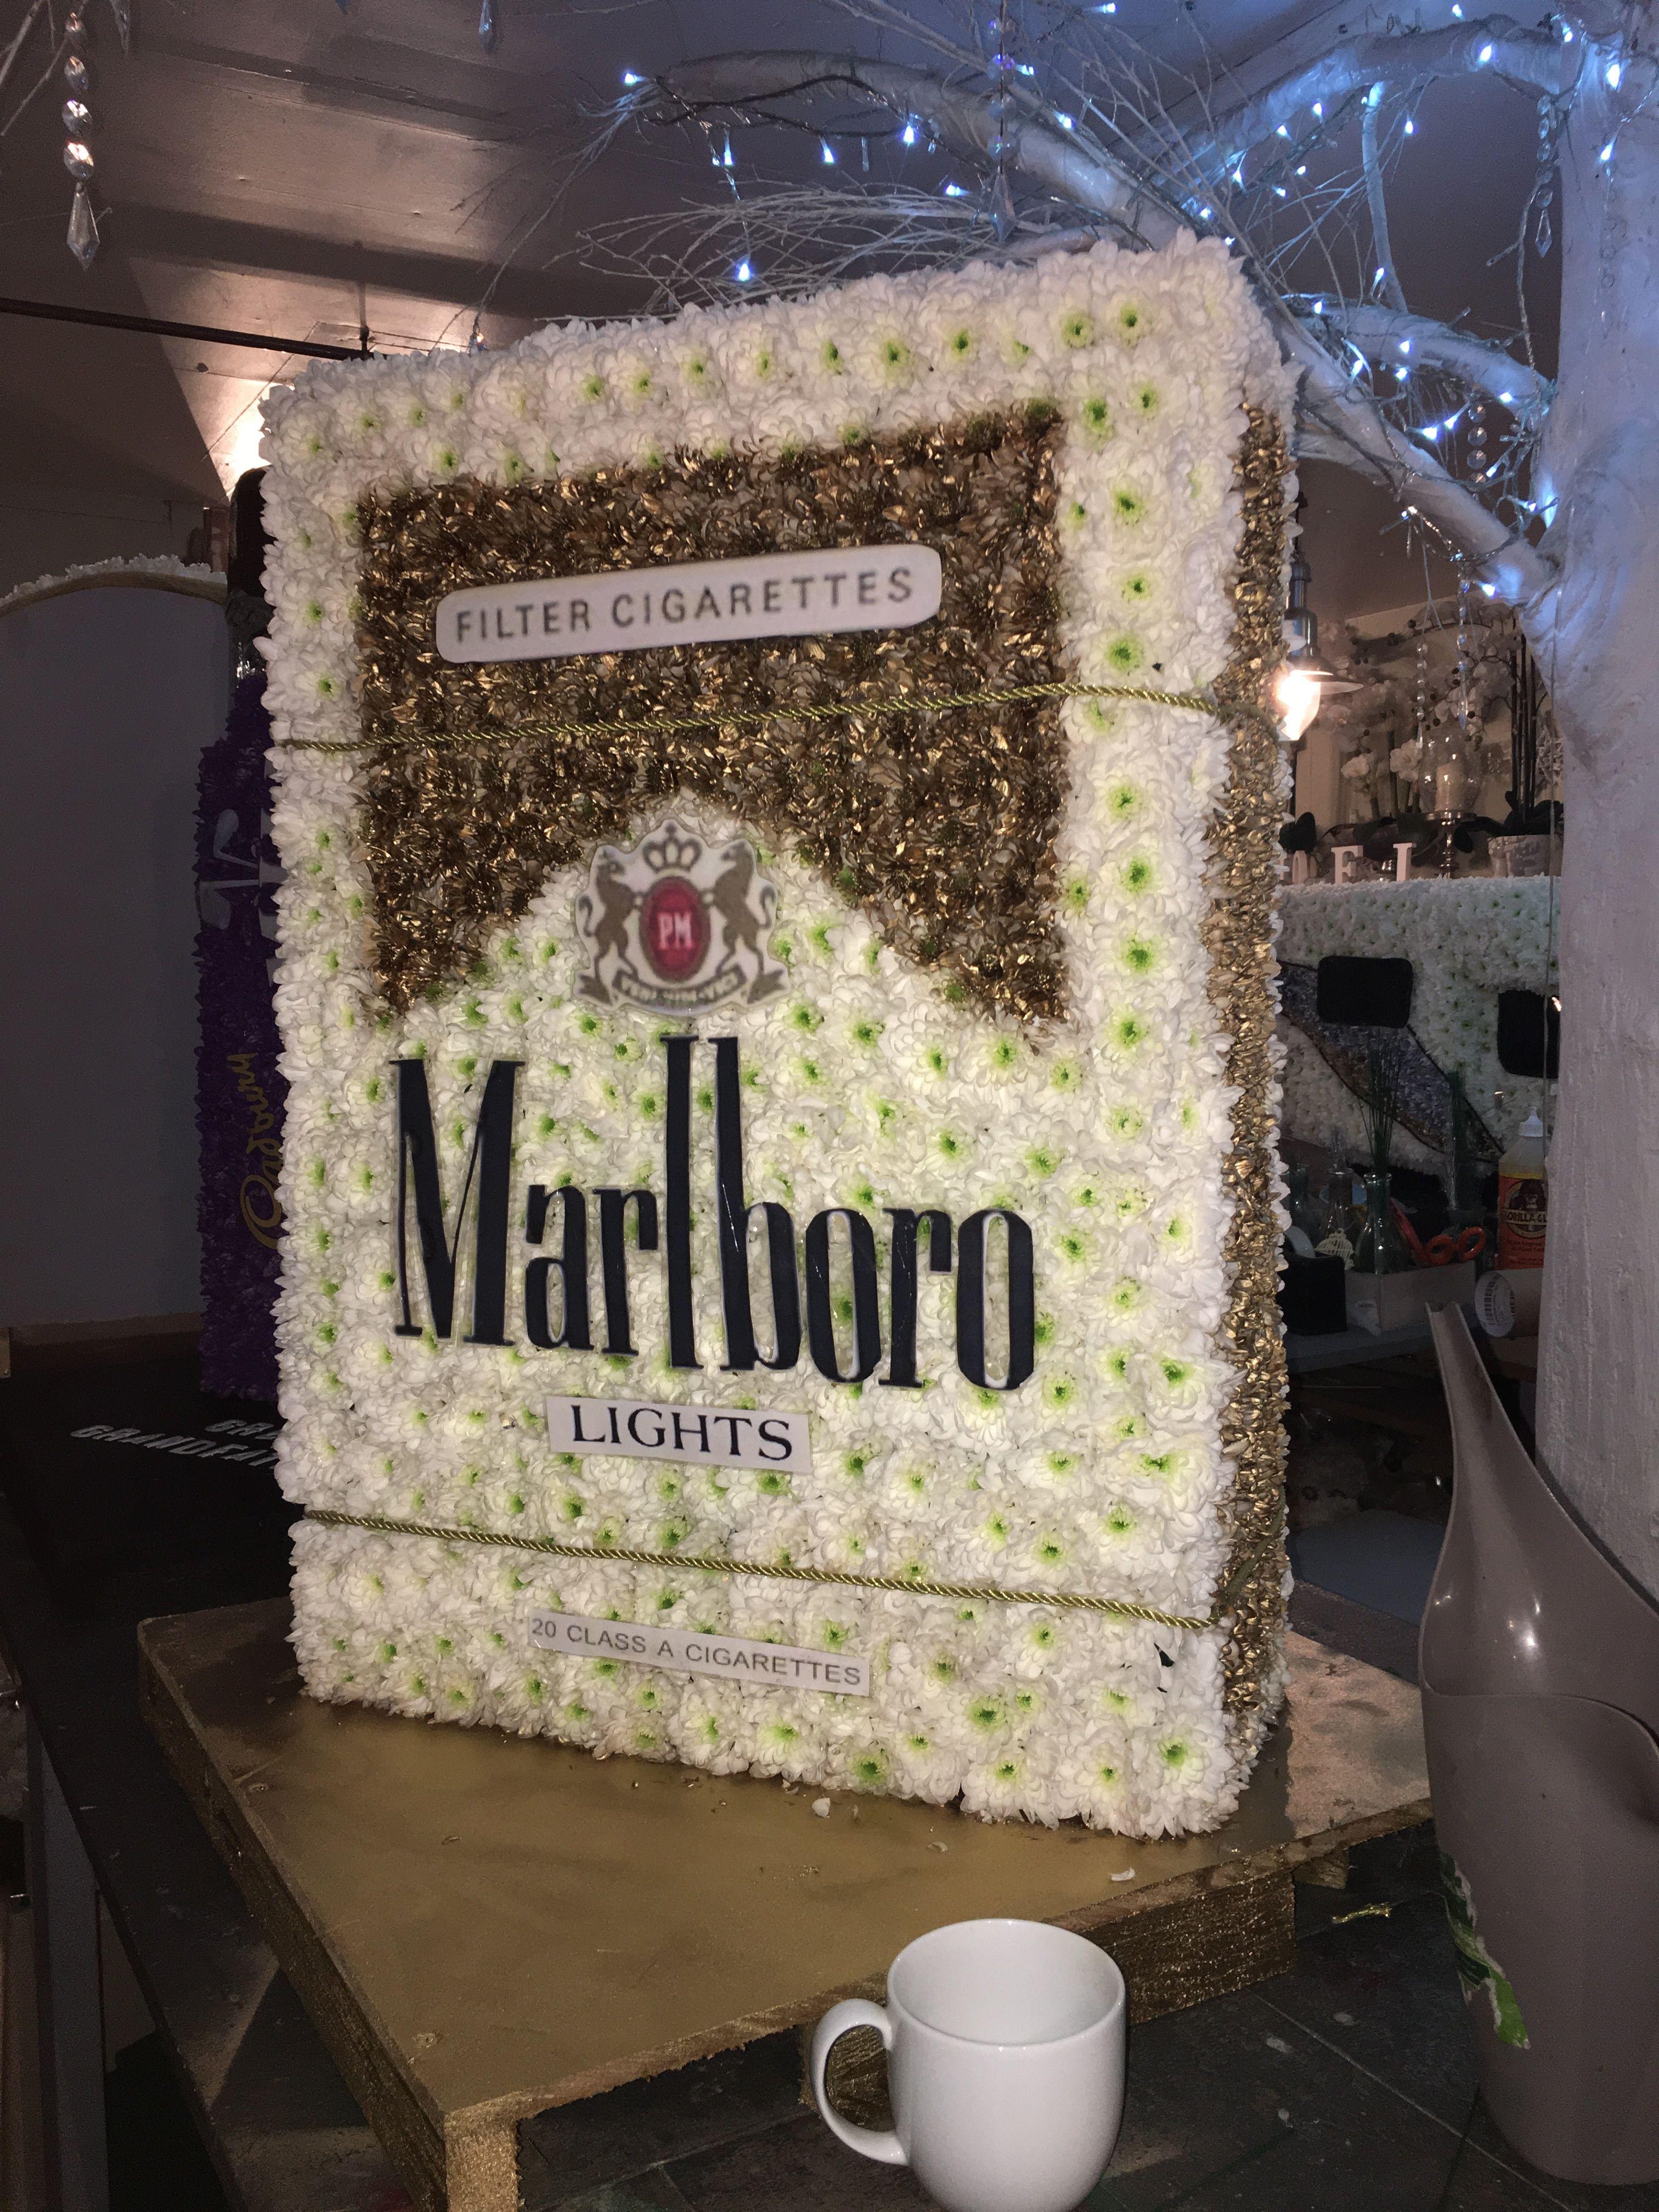 Marlboro cigarette box funeral flower tribute bespoke funeral marlboro cigarette box funeral flower tribute bespoke funeral flowers thefloralartstudio izmirmasajfo Image collections